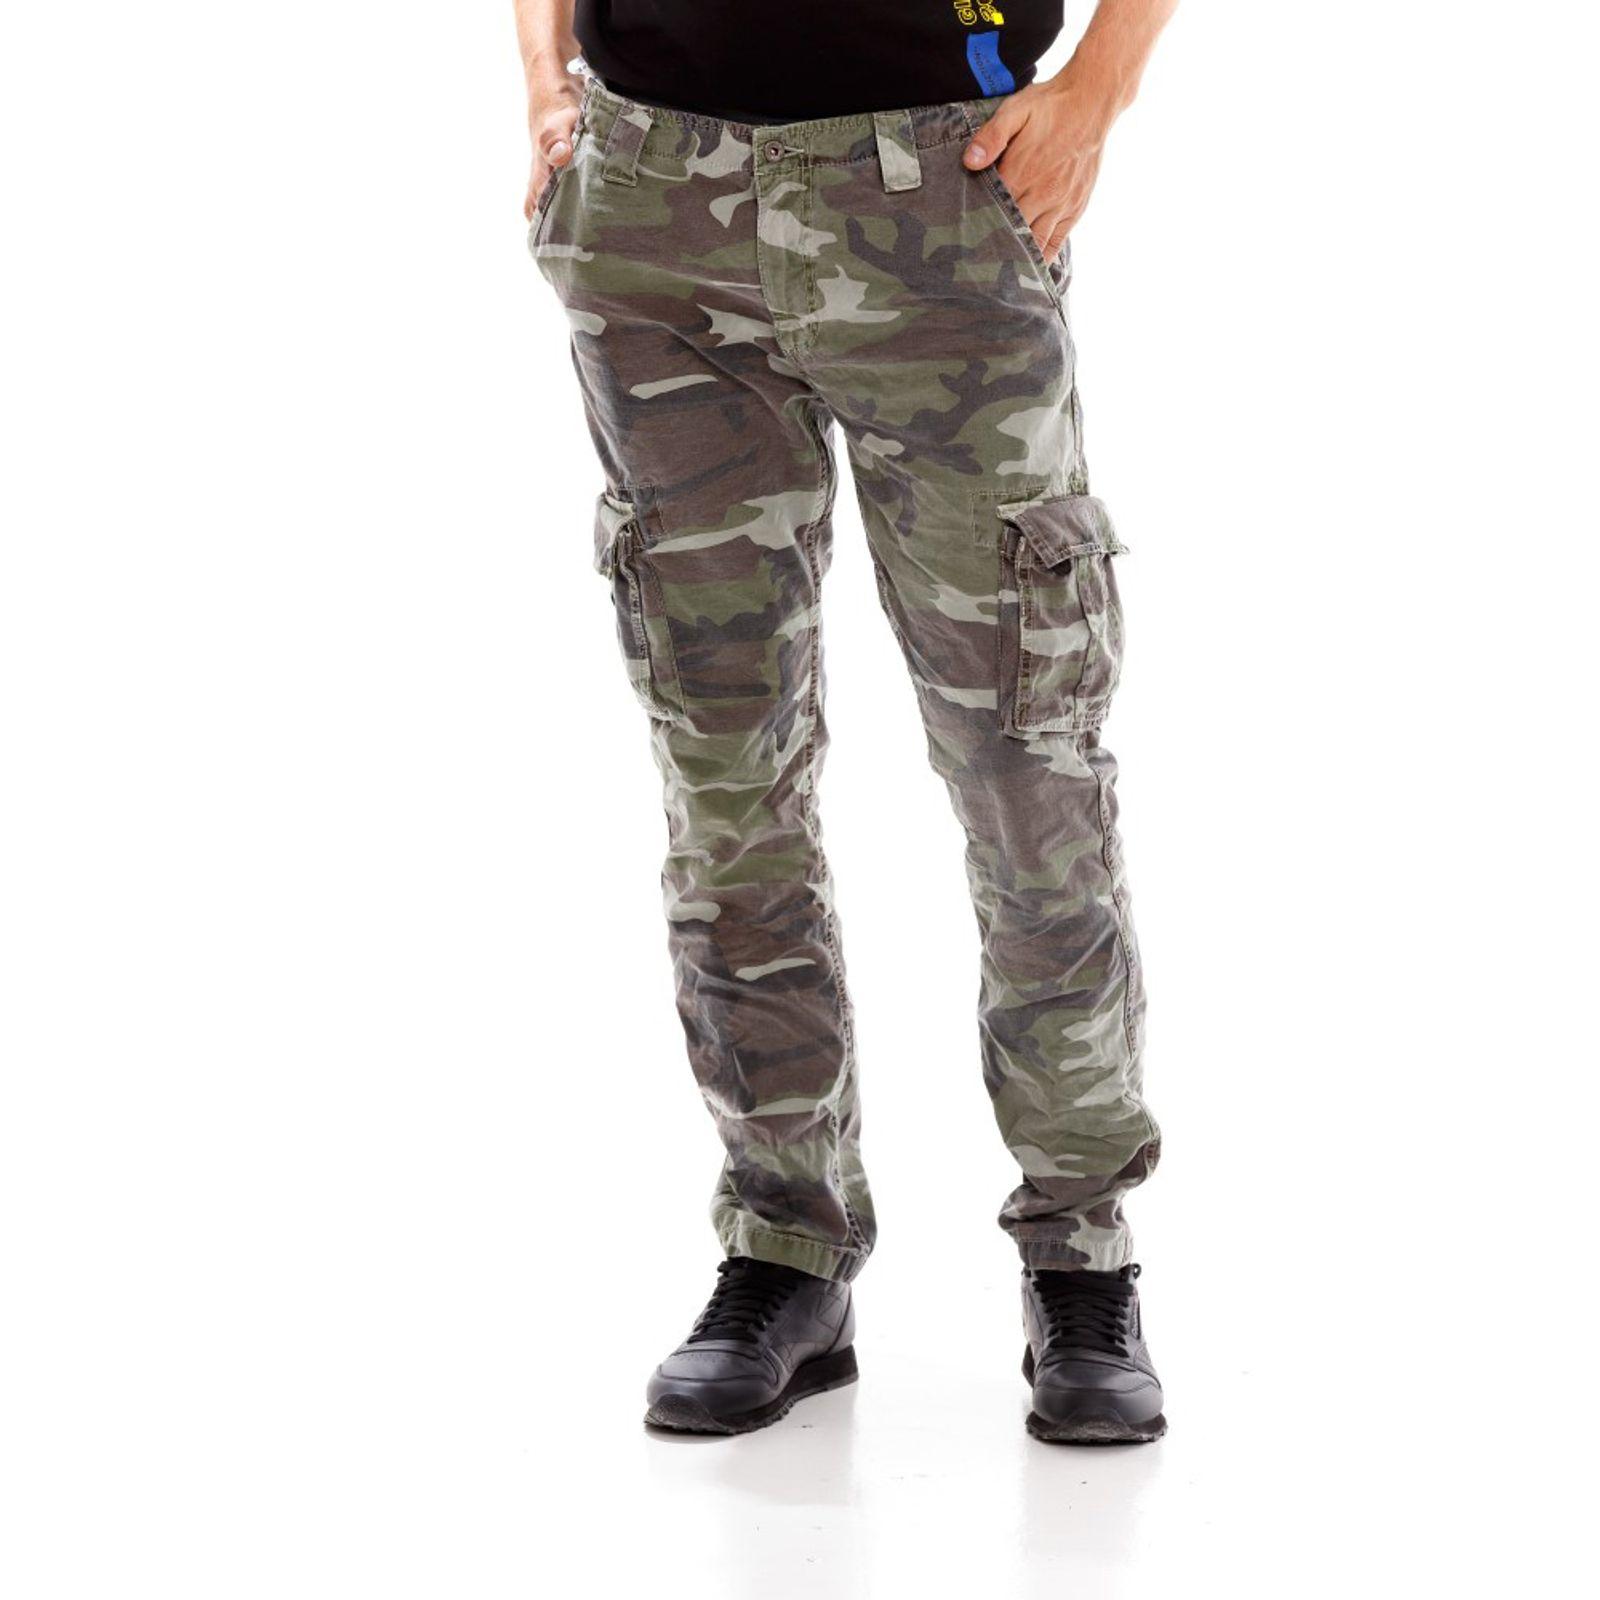 Pantalon Para Hombre Marithe Francois Girbaud 1830 Pantalones Girbaud Girbaud Colombia